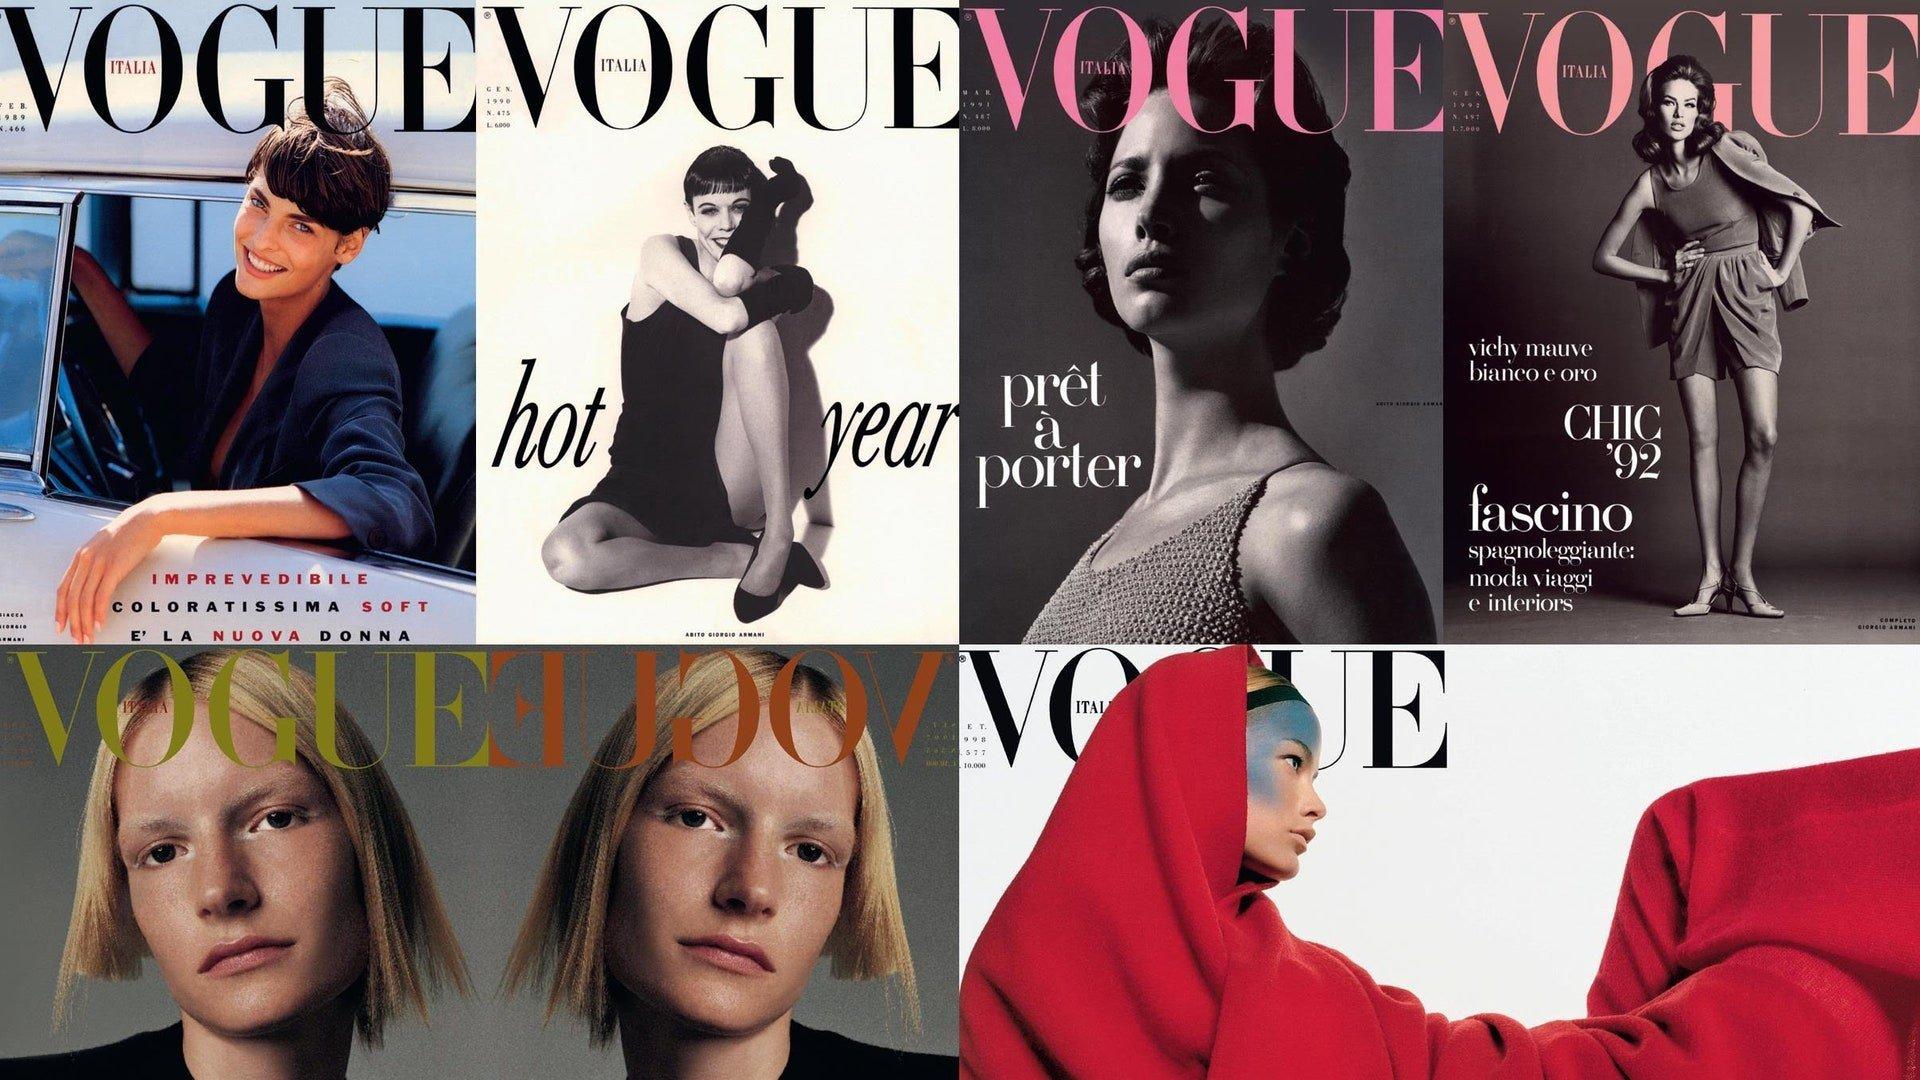 Sai tutto di Vogue?